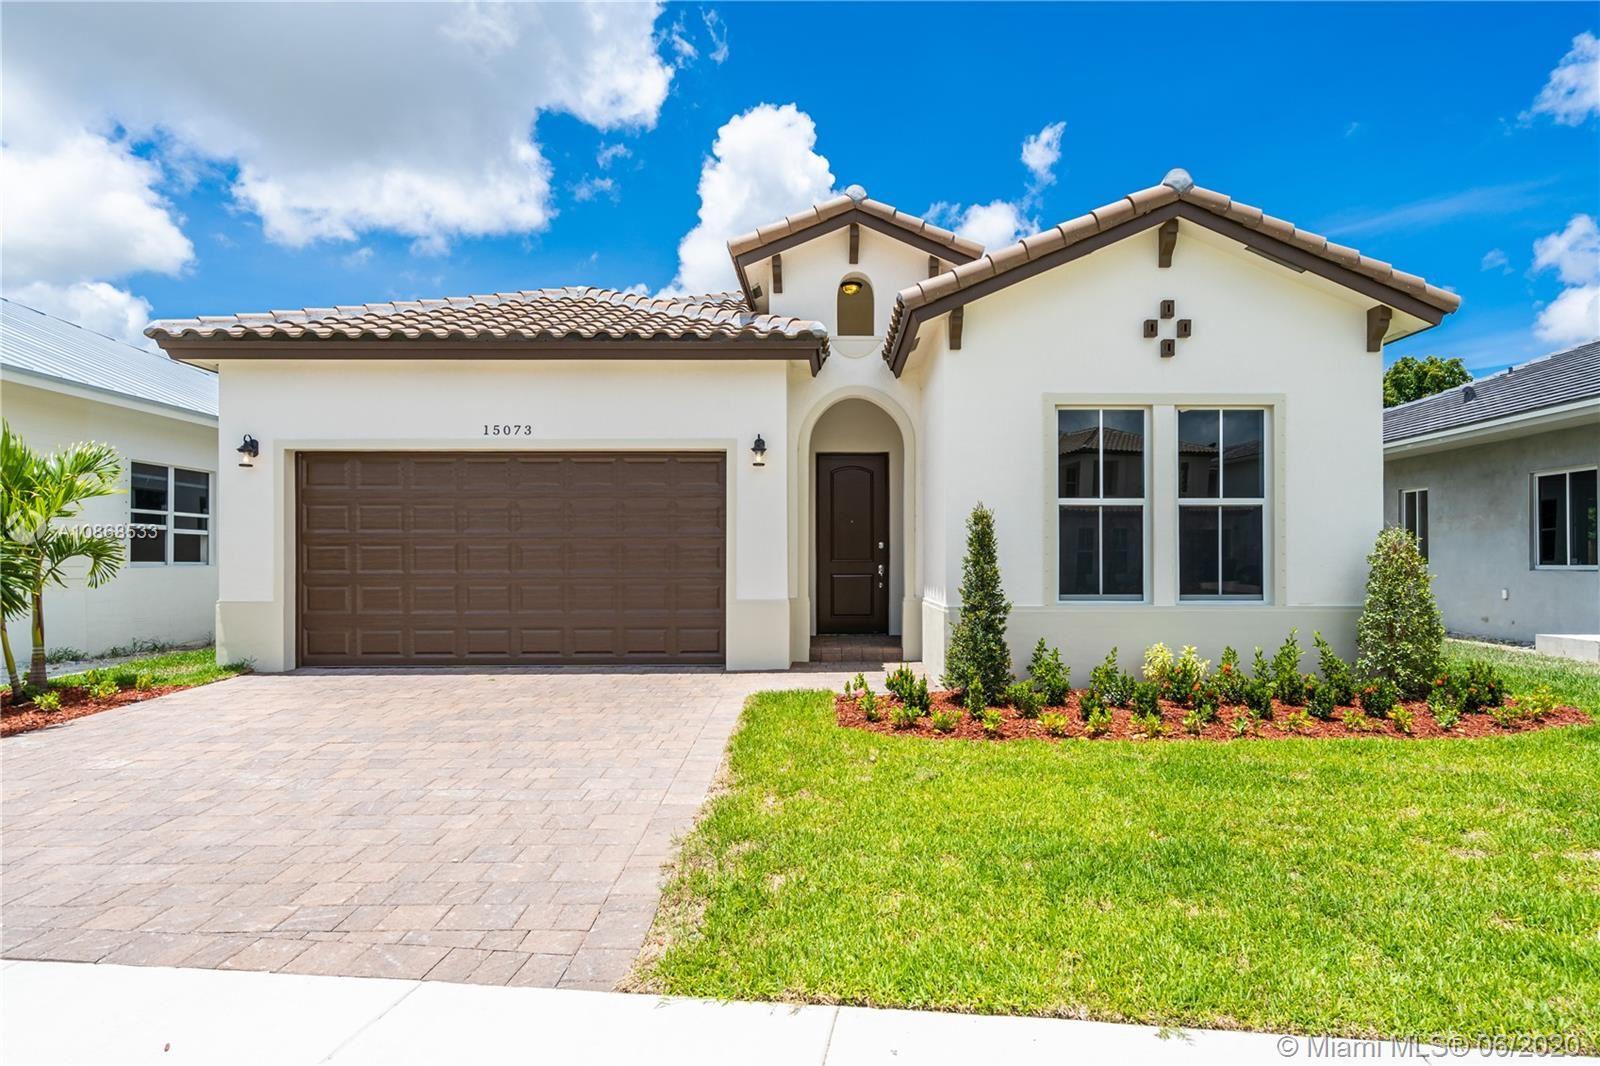 15073 SW 175th St, Miami, FL 33187 - #: A10868533